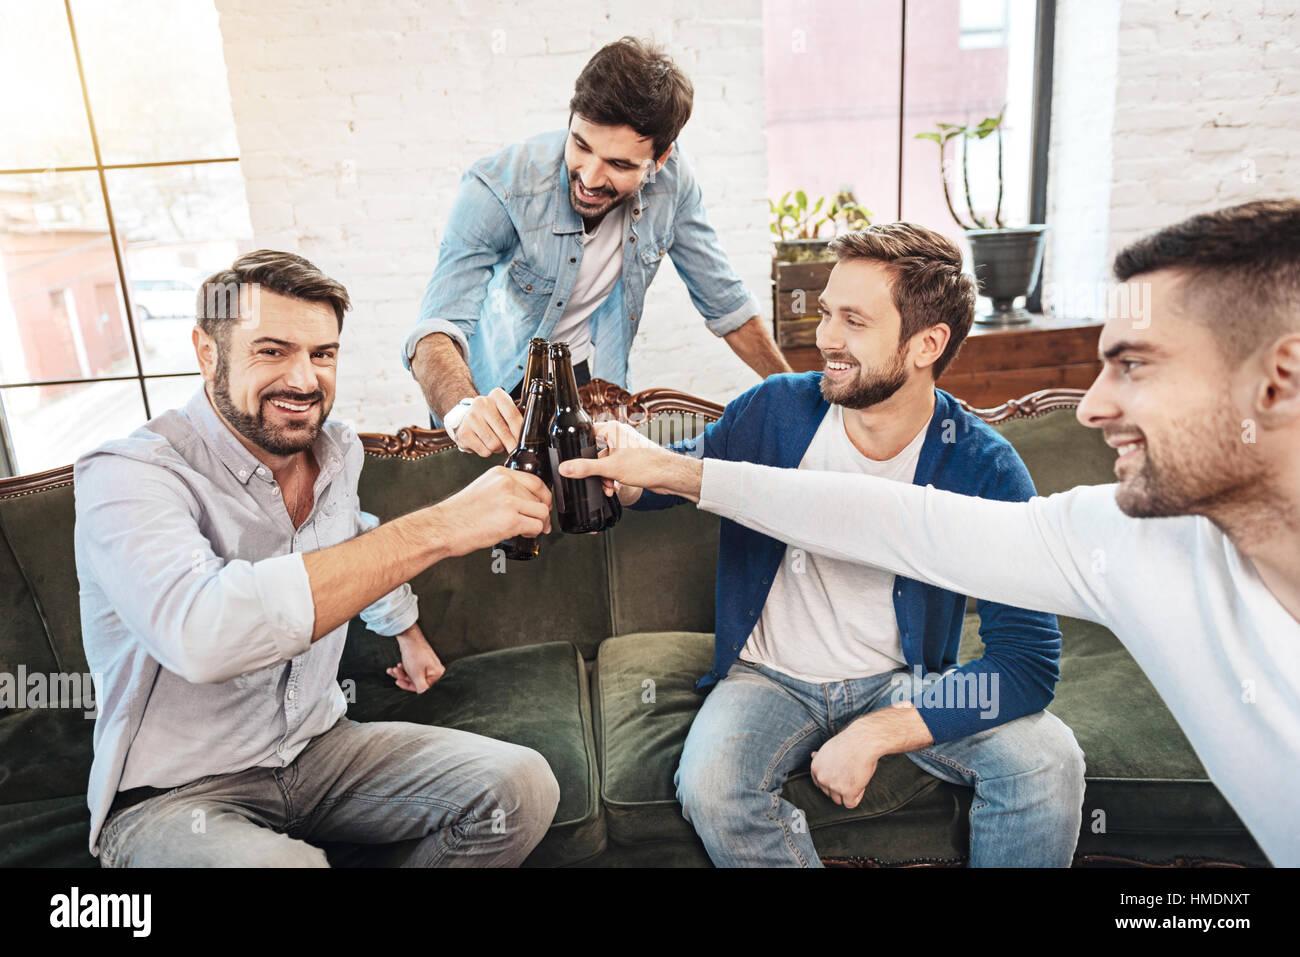 Heureux homme barbu avec ses amis d'encouragement Photo Stock